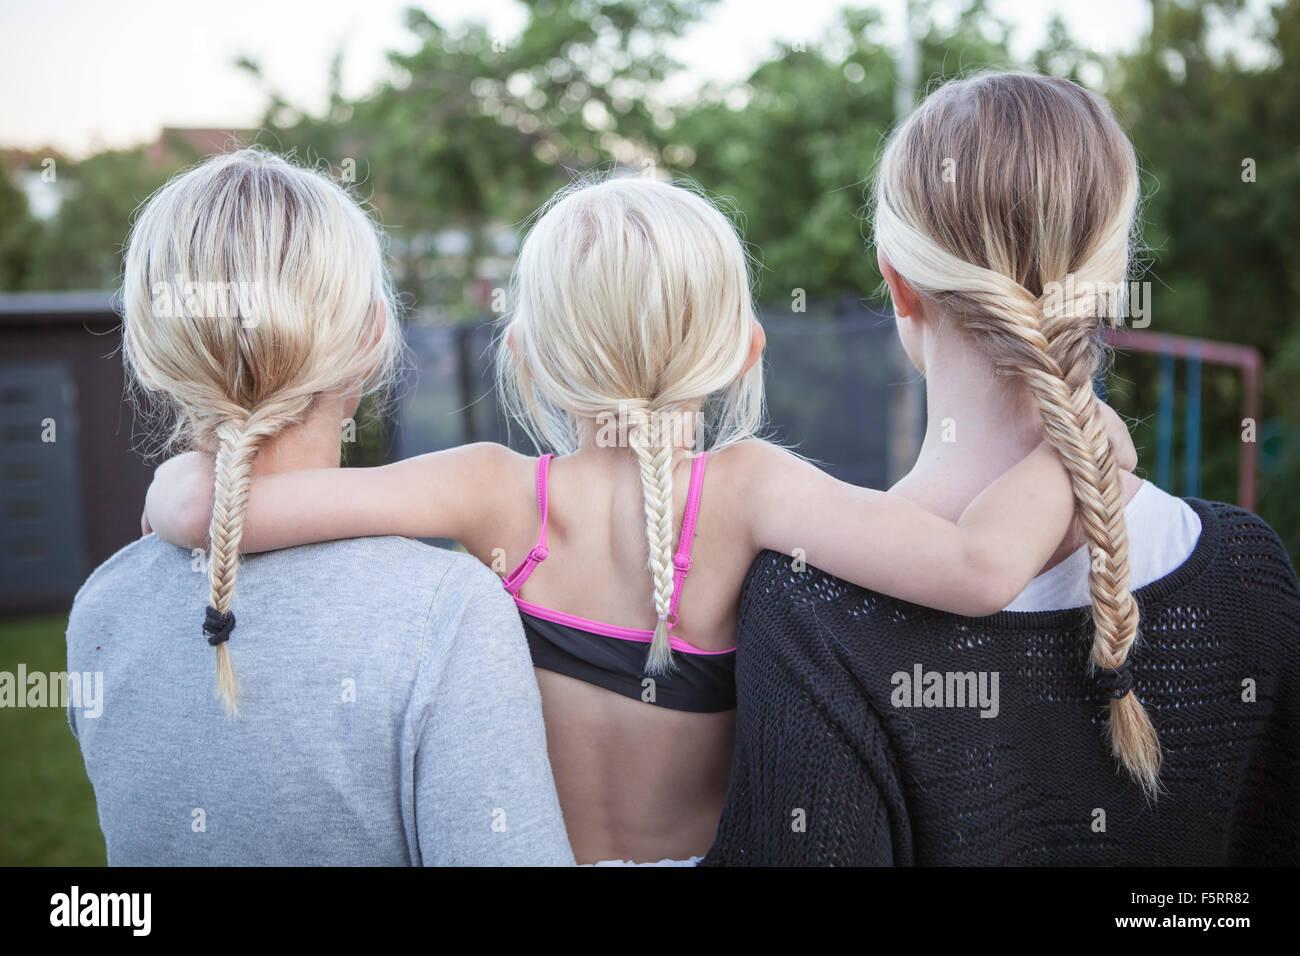 La Svezia, Vastergotland, Lerum, vista posteriore di ragazze (8-9, 16-17) intrecciato con coda di cavallo in piedi Immagini Stock